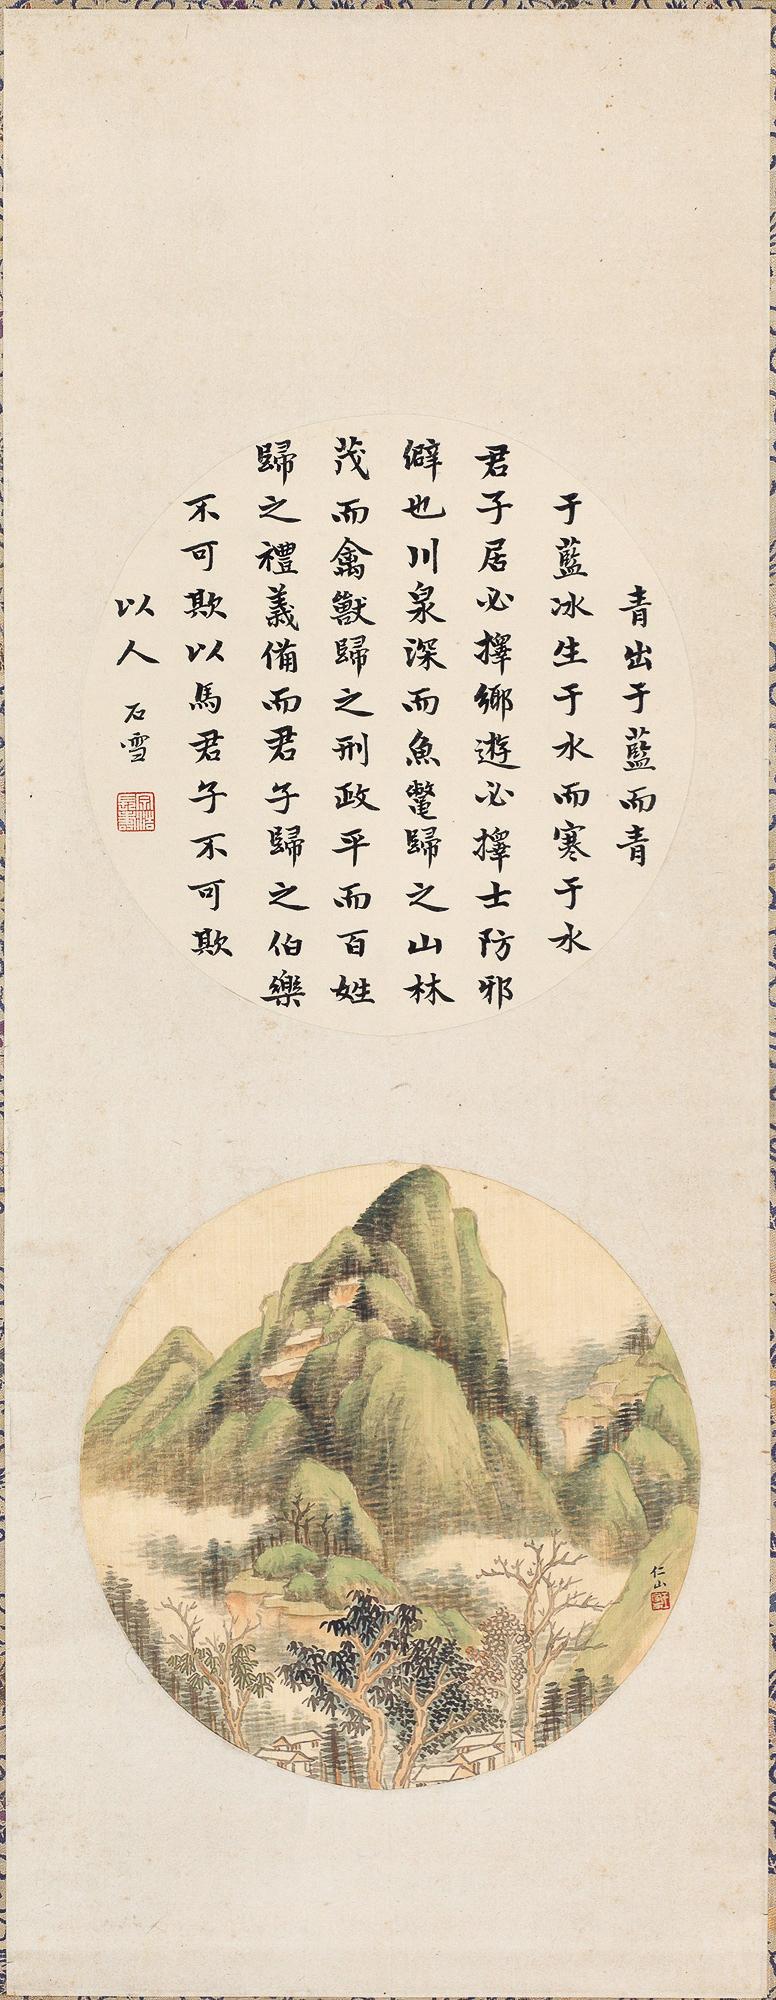 楷书荀子箴语青山树石图